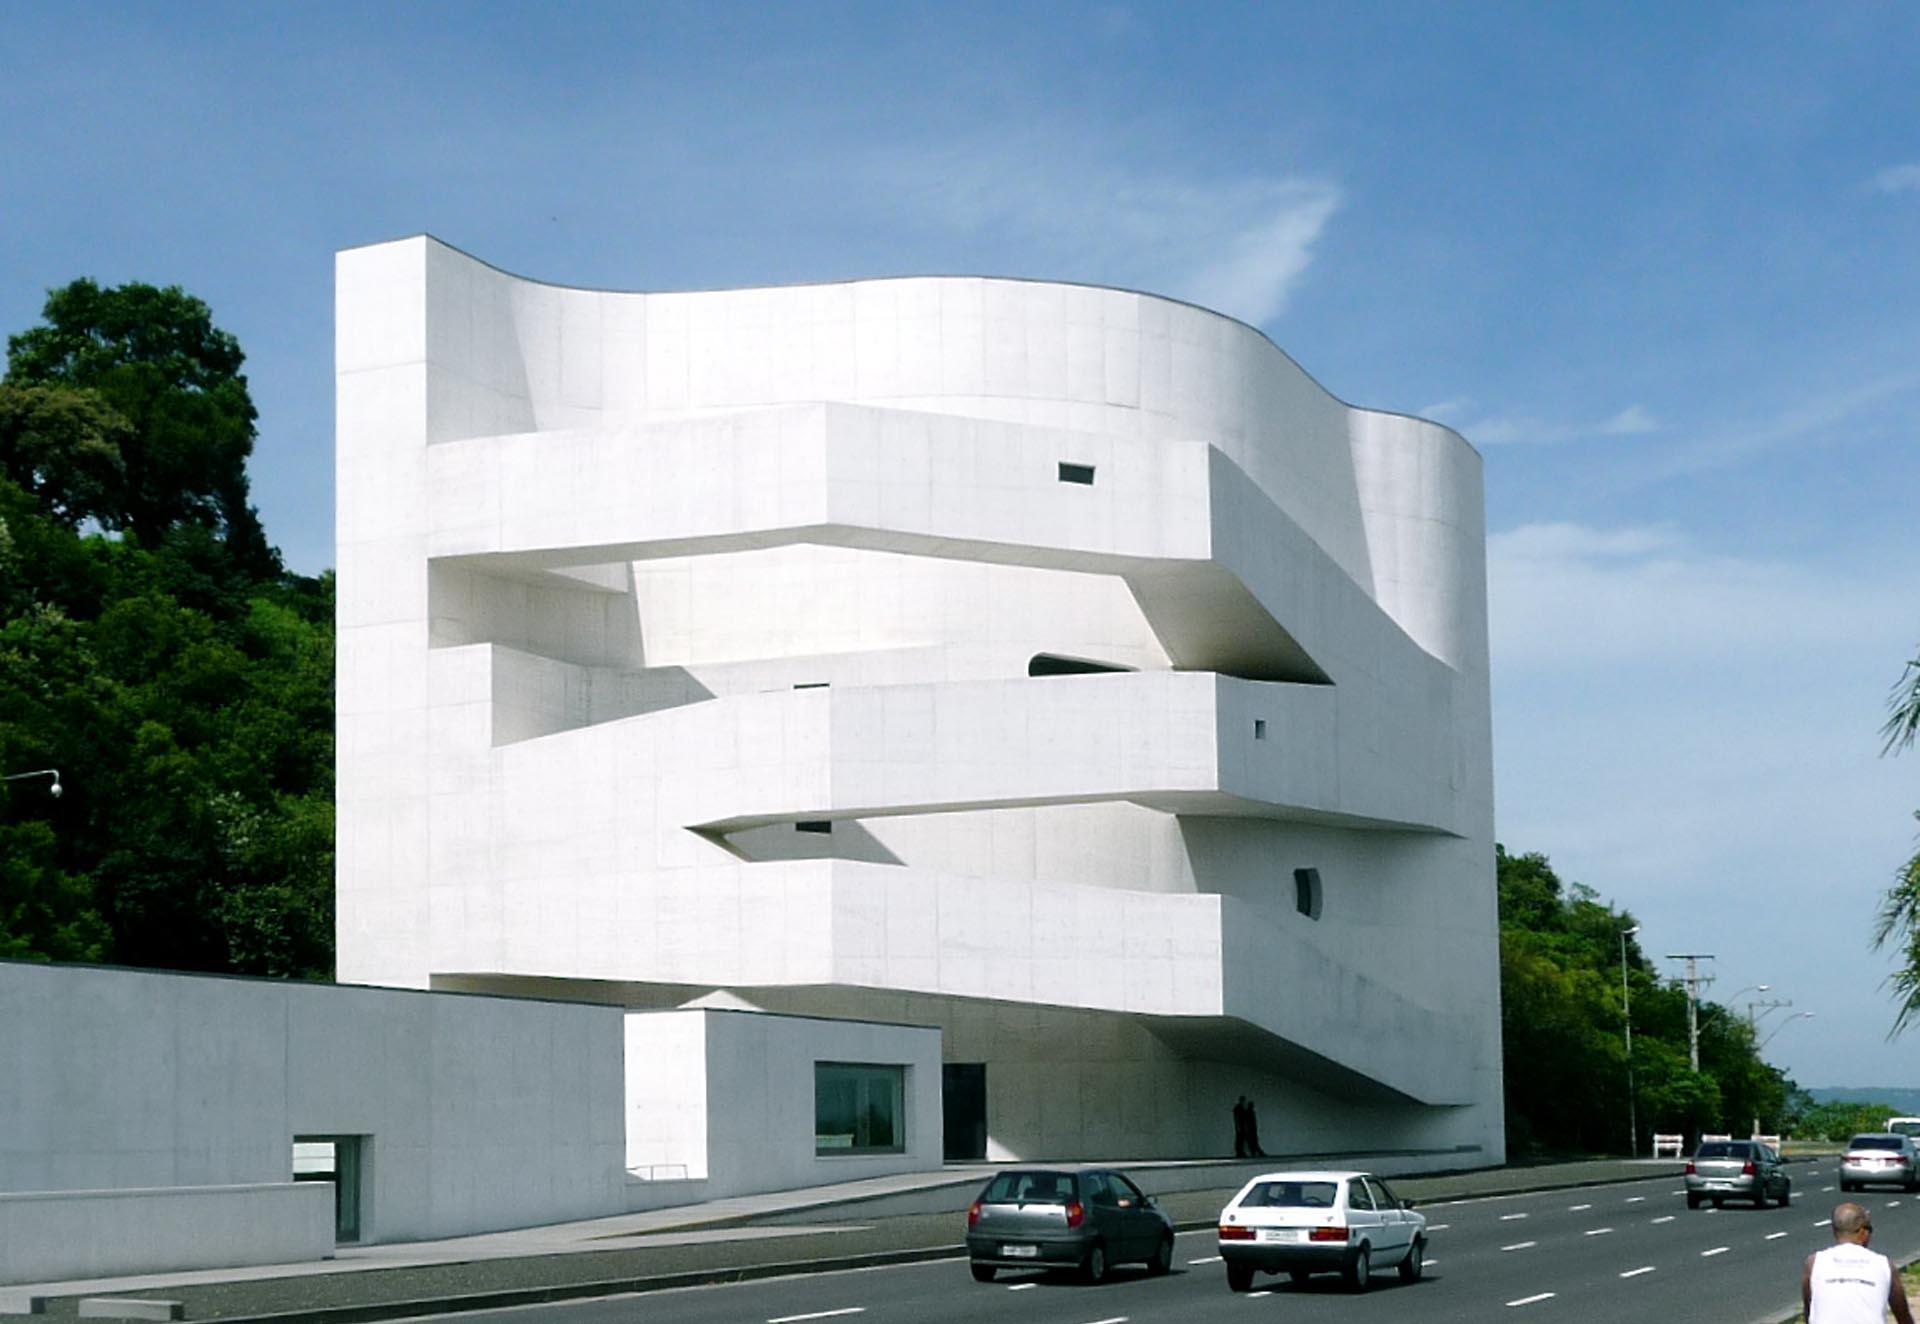 「伊伯爾卡馬戈基金會」(Ibere Camargo Museum),圖片來源: Wikipedia